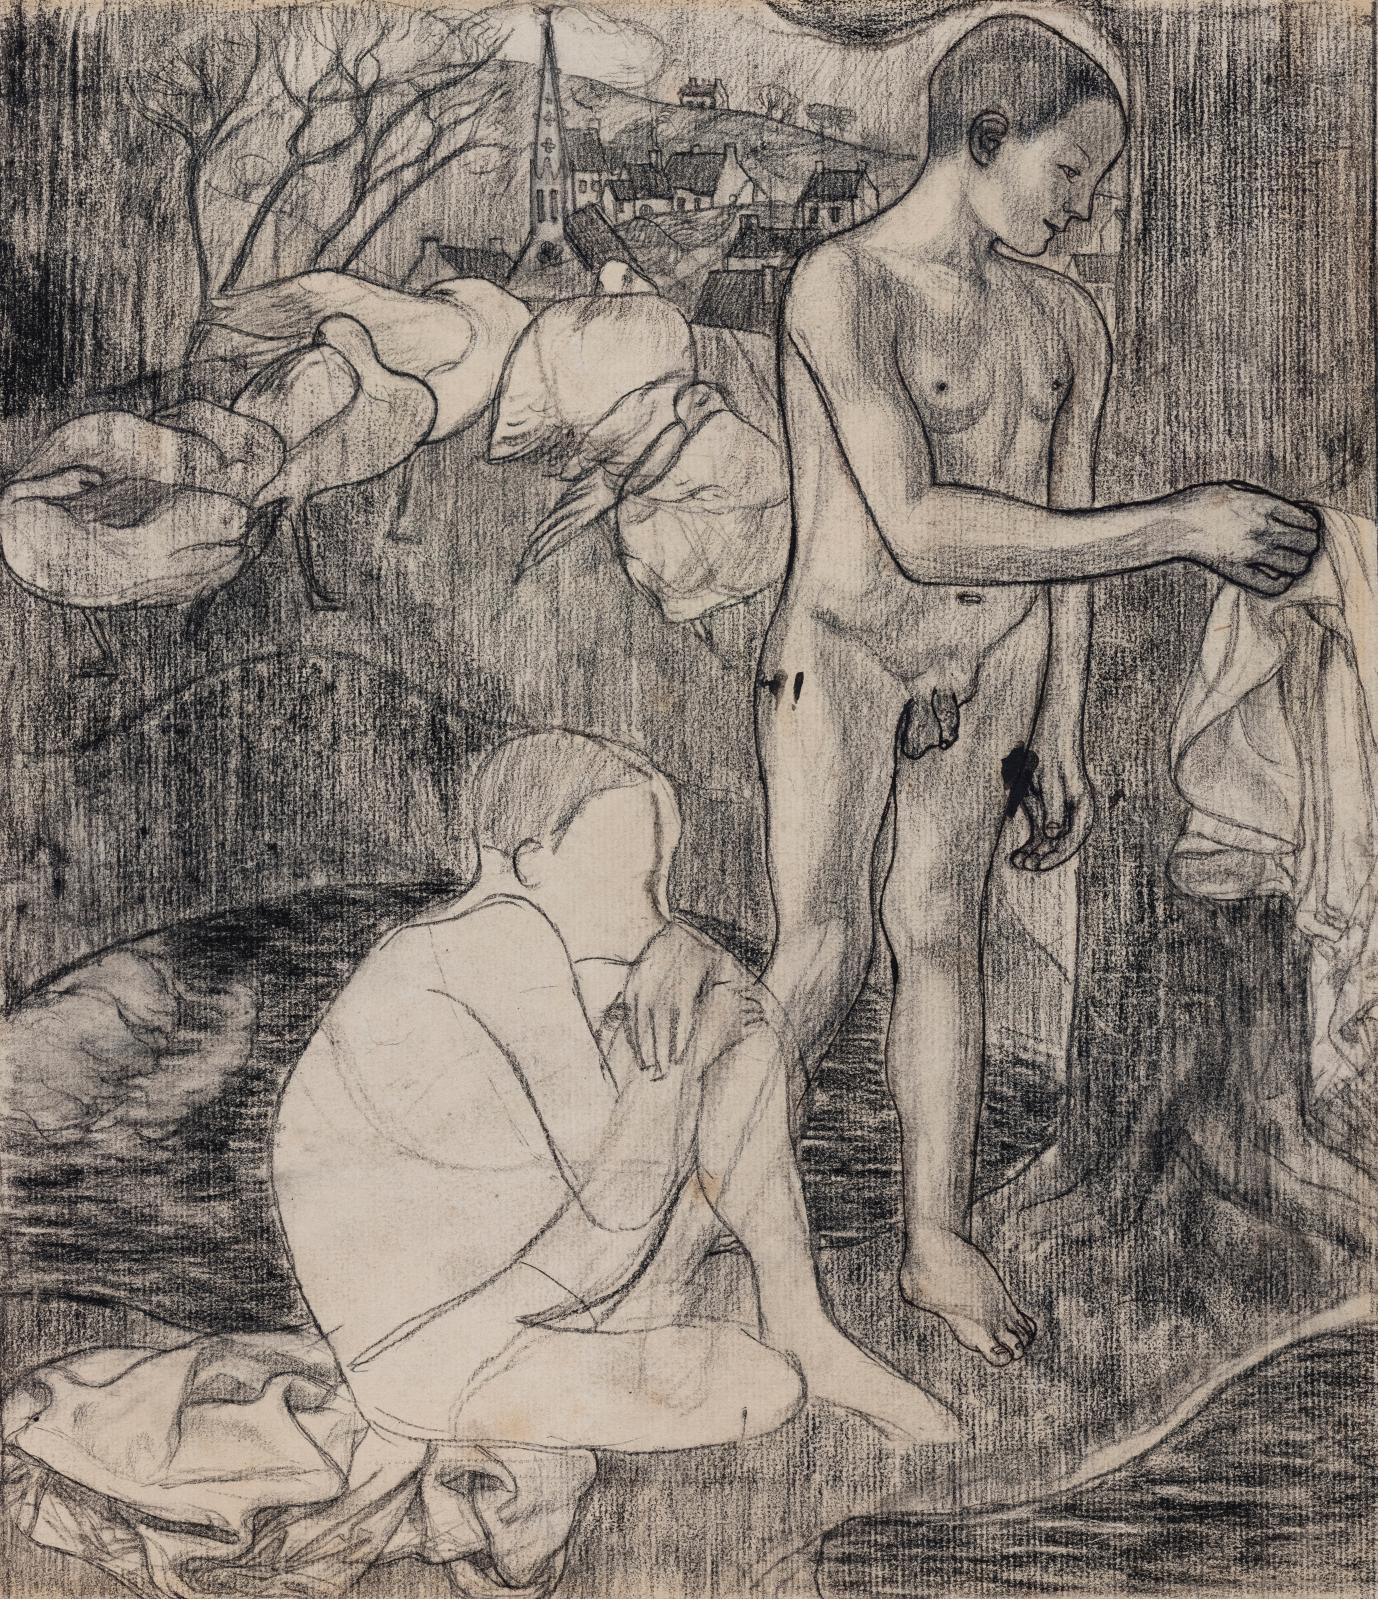 Armand Seguin (1869-1903), Deux baigneurs, vers 1895, dessin préparatoire à la zincographie, fusain, plume et encre de Chine sur papier, 27,7x24,6c